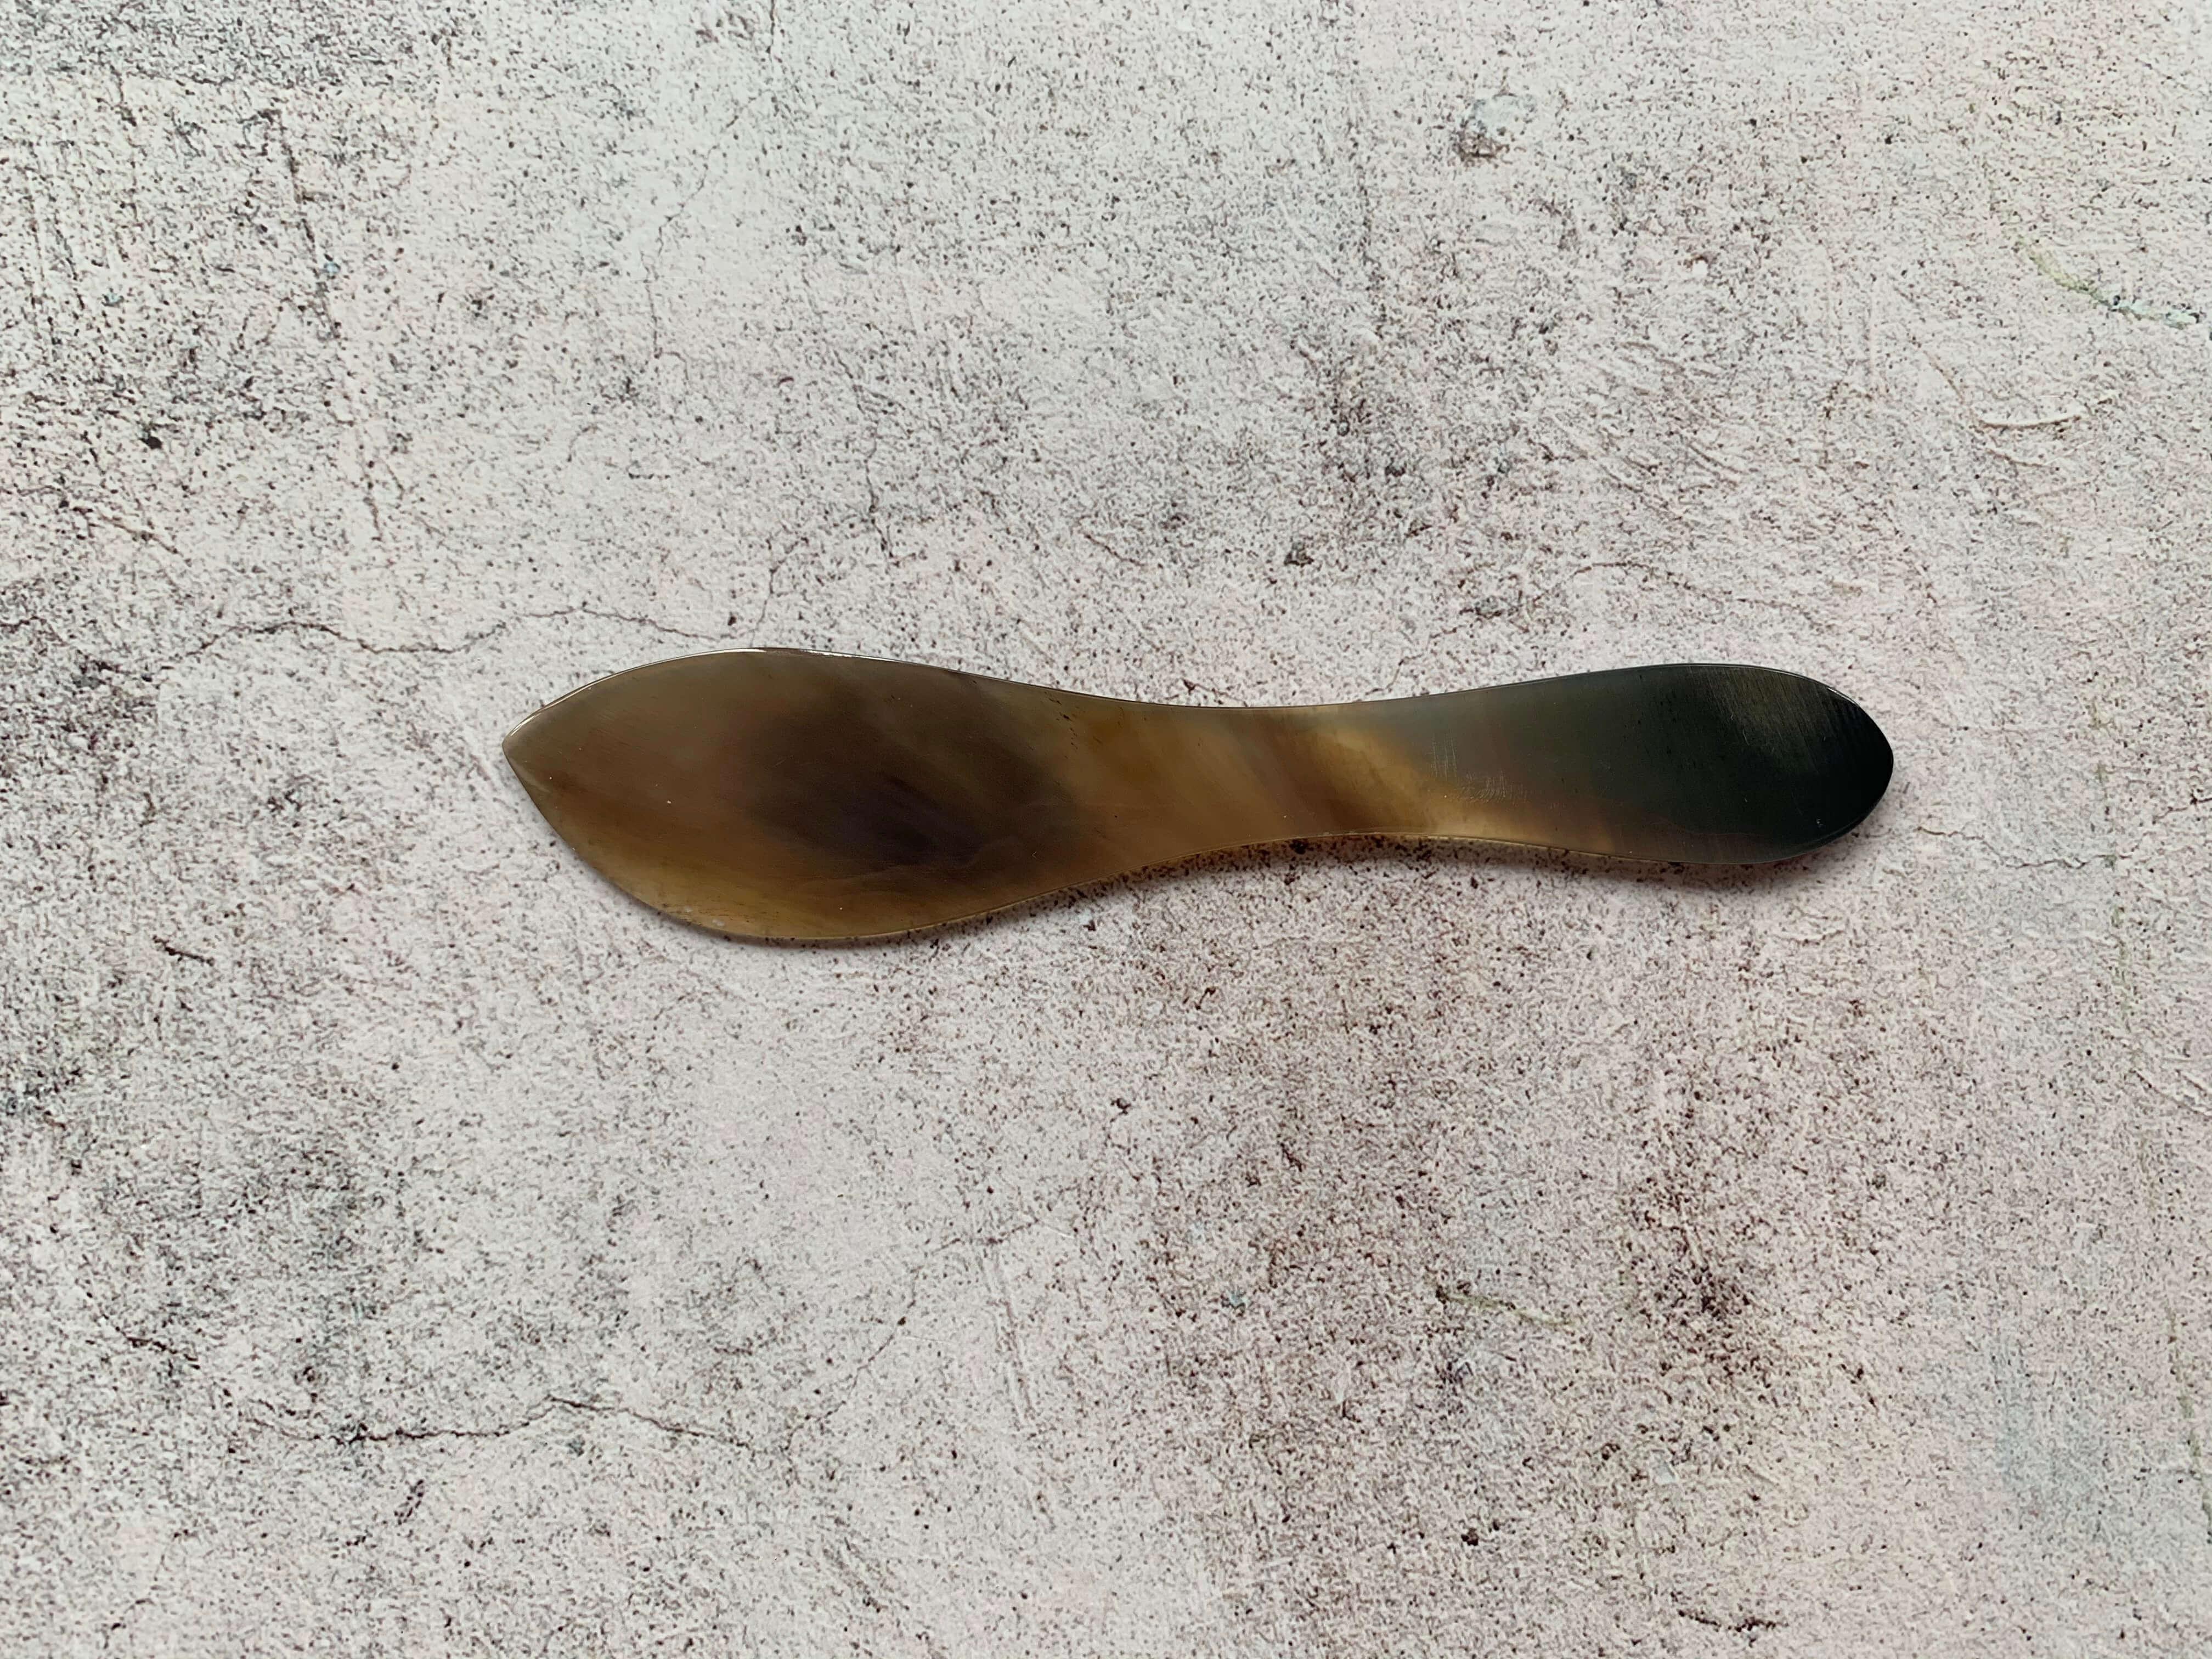 バッファローホーン バターナイフ